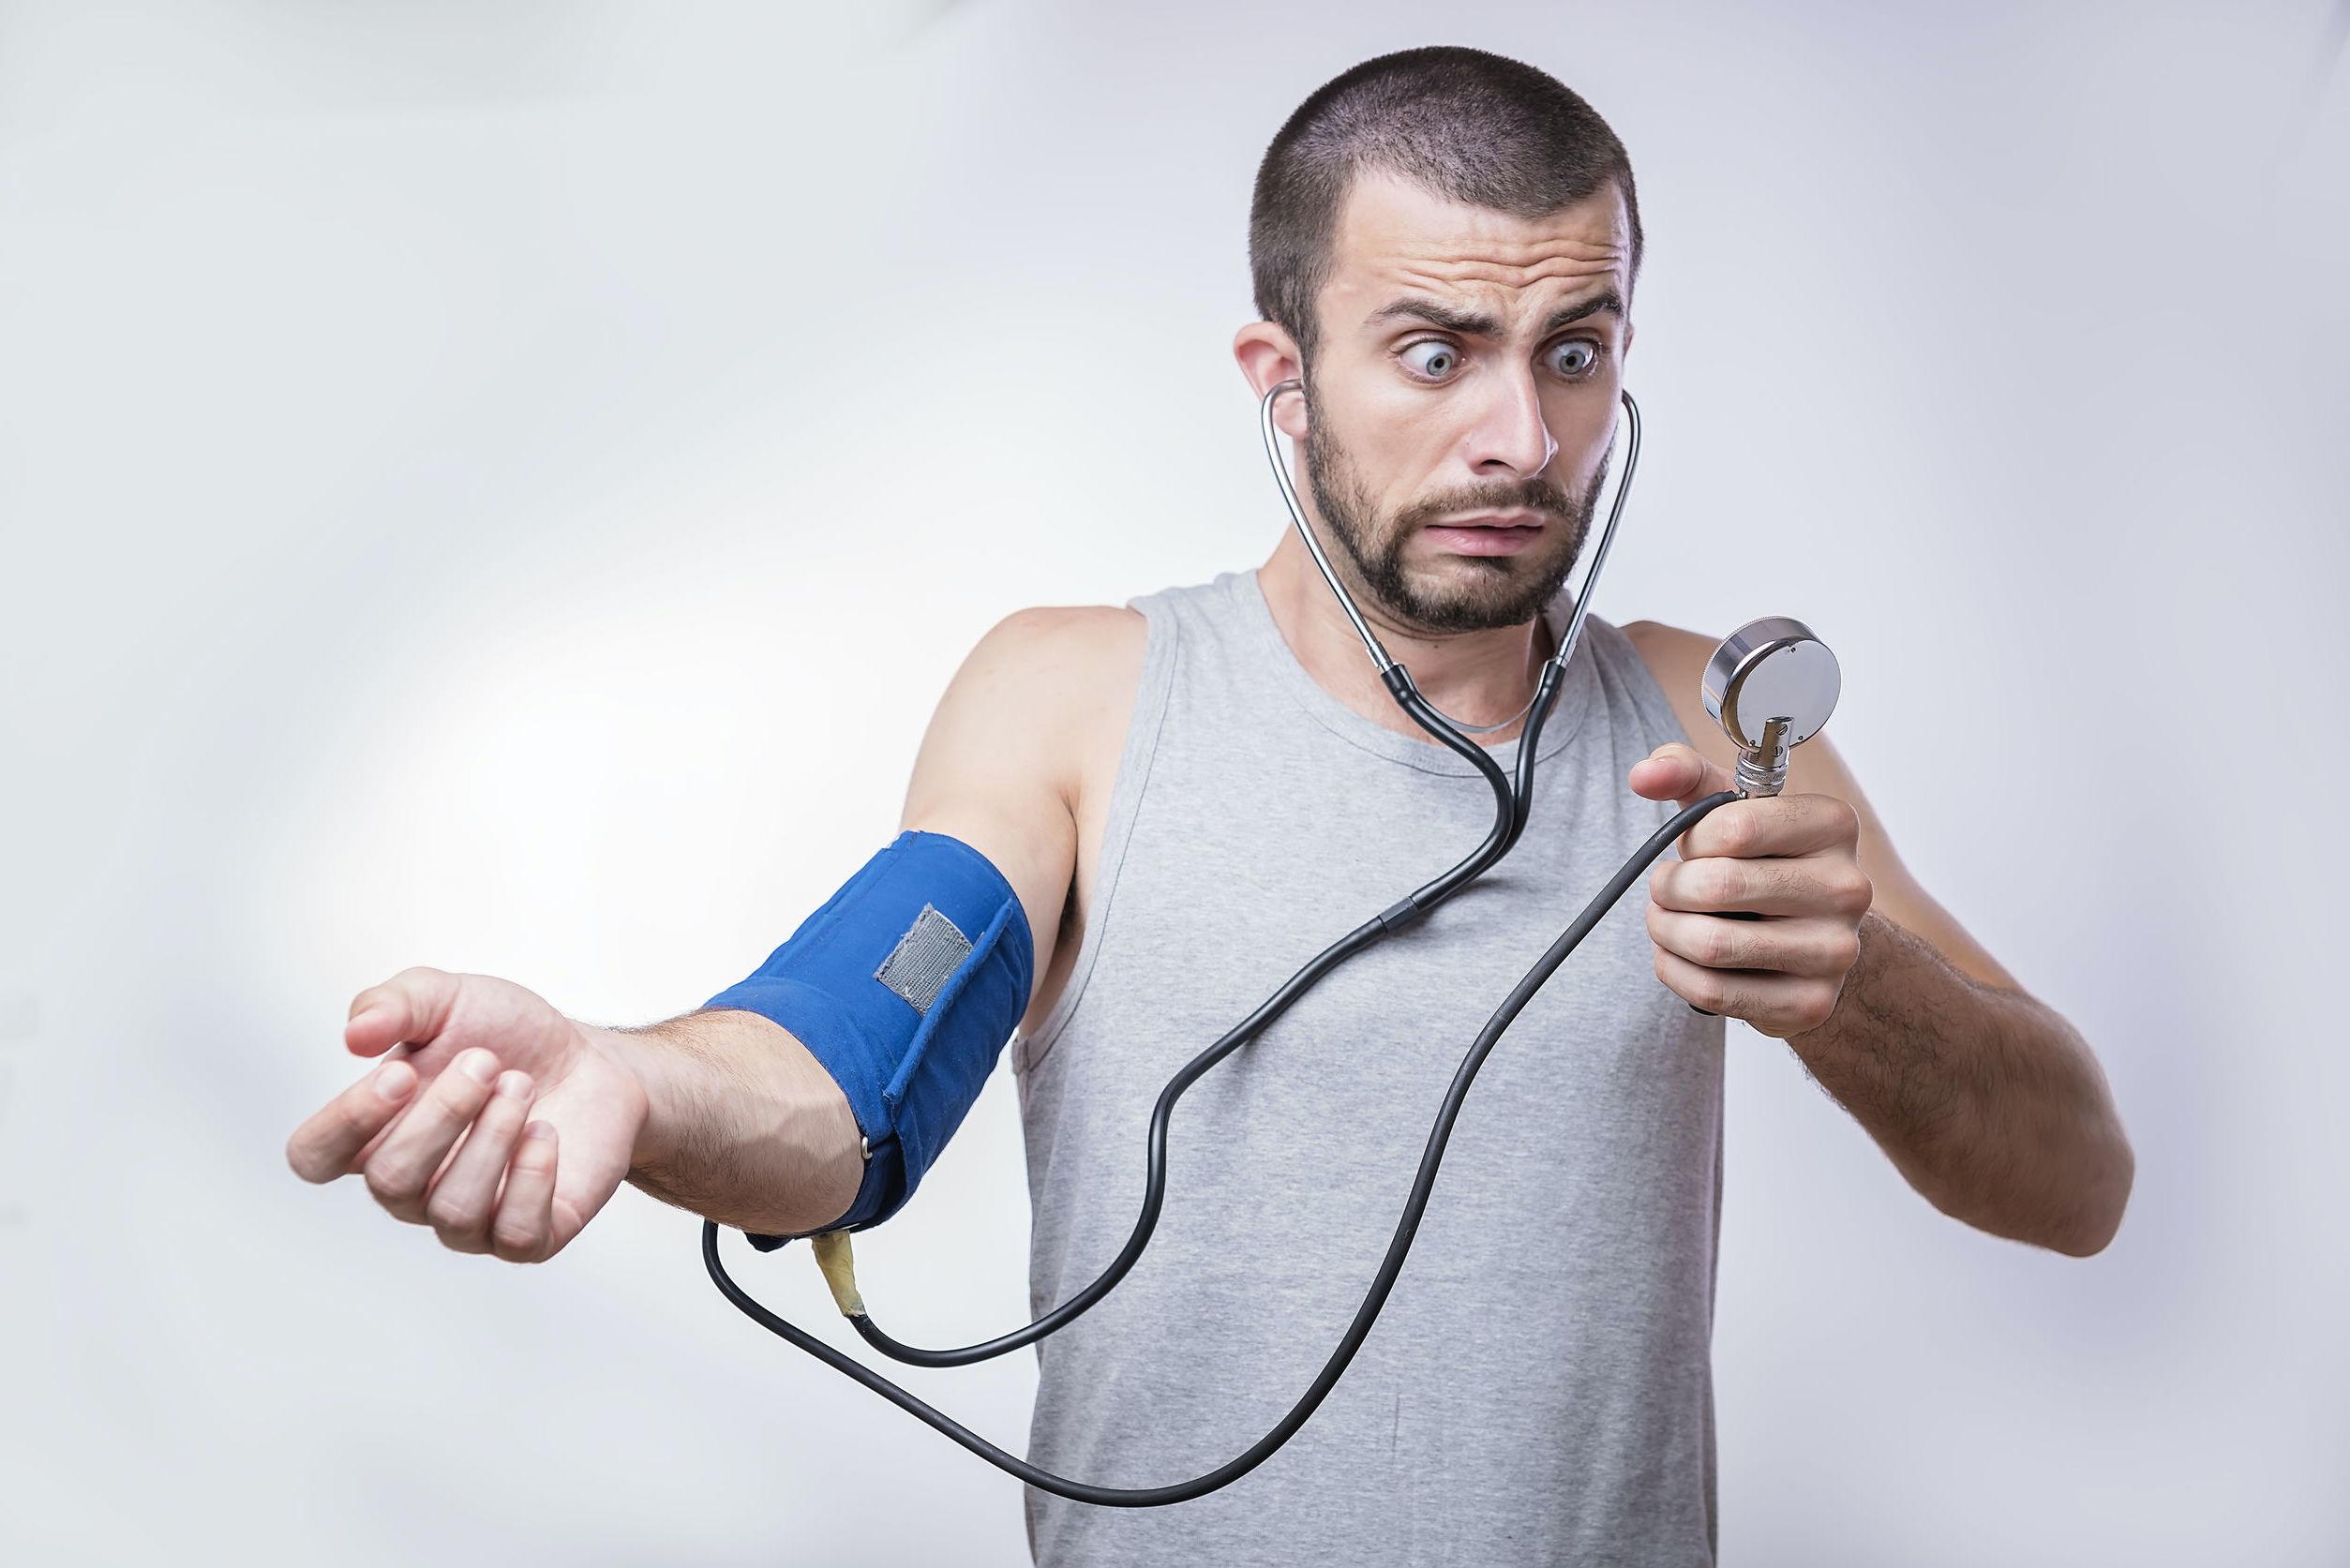 gallérzónás masszázs magas vérnyomás esetén